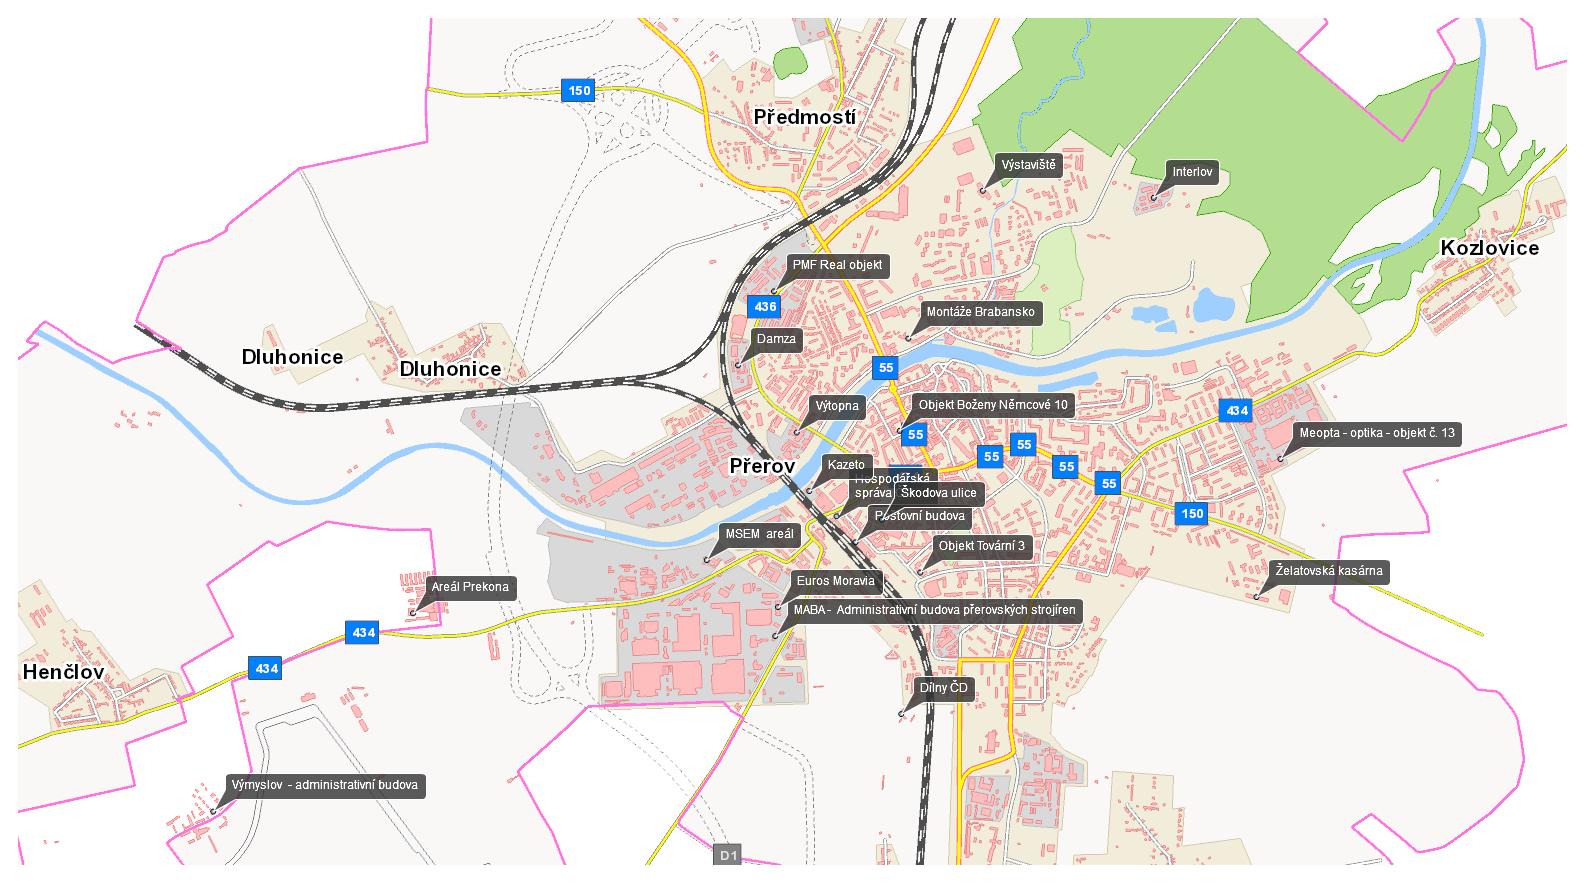 Brownfields mapa, obrázek se otevře v novém okně